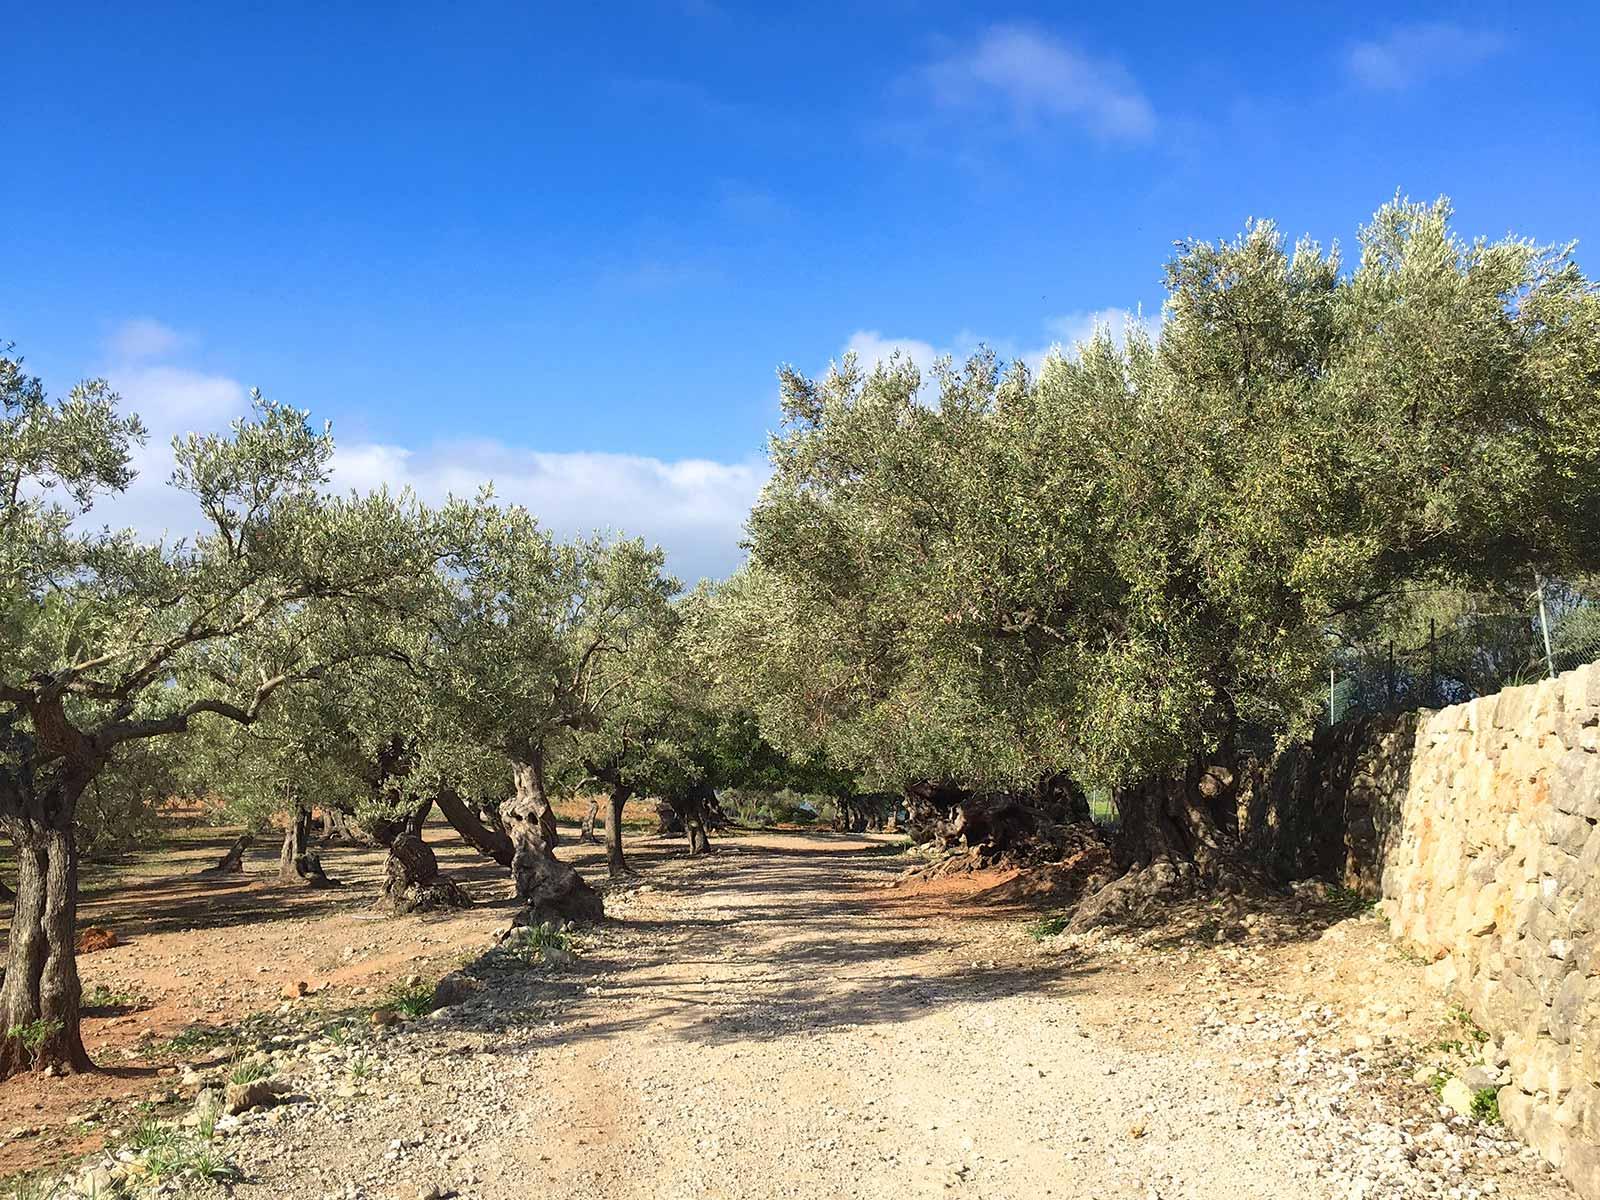 Wandern-Mallorca-Wanderung-Mallorca-gefuehrte-Wanderung-Mallorca-1